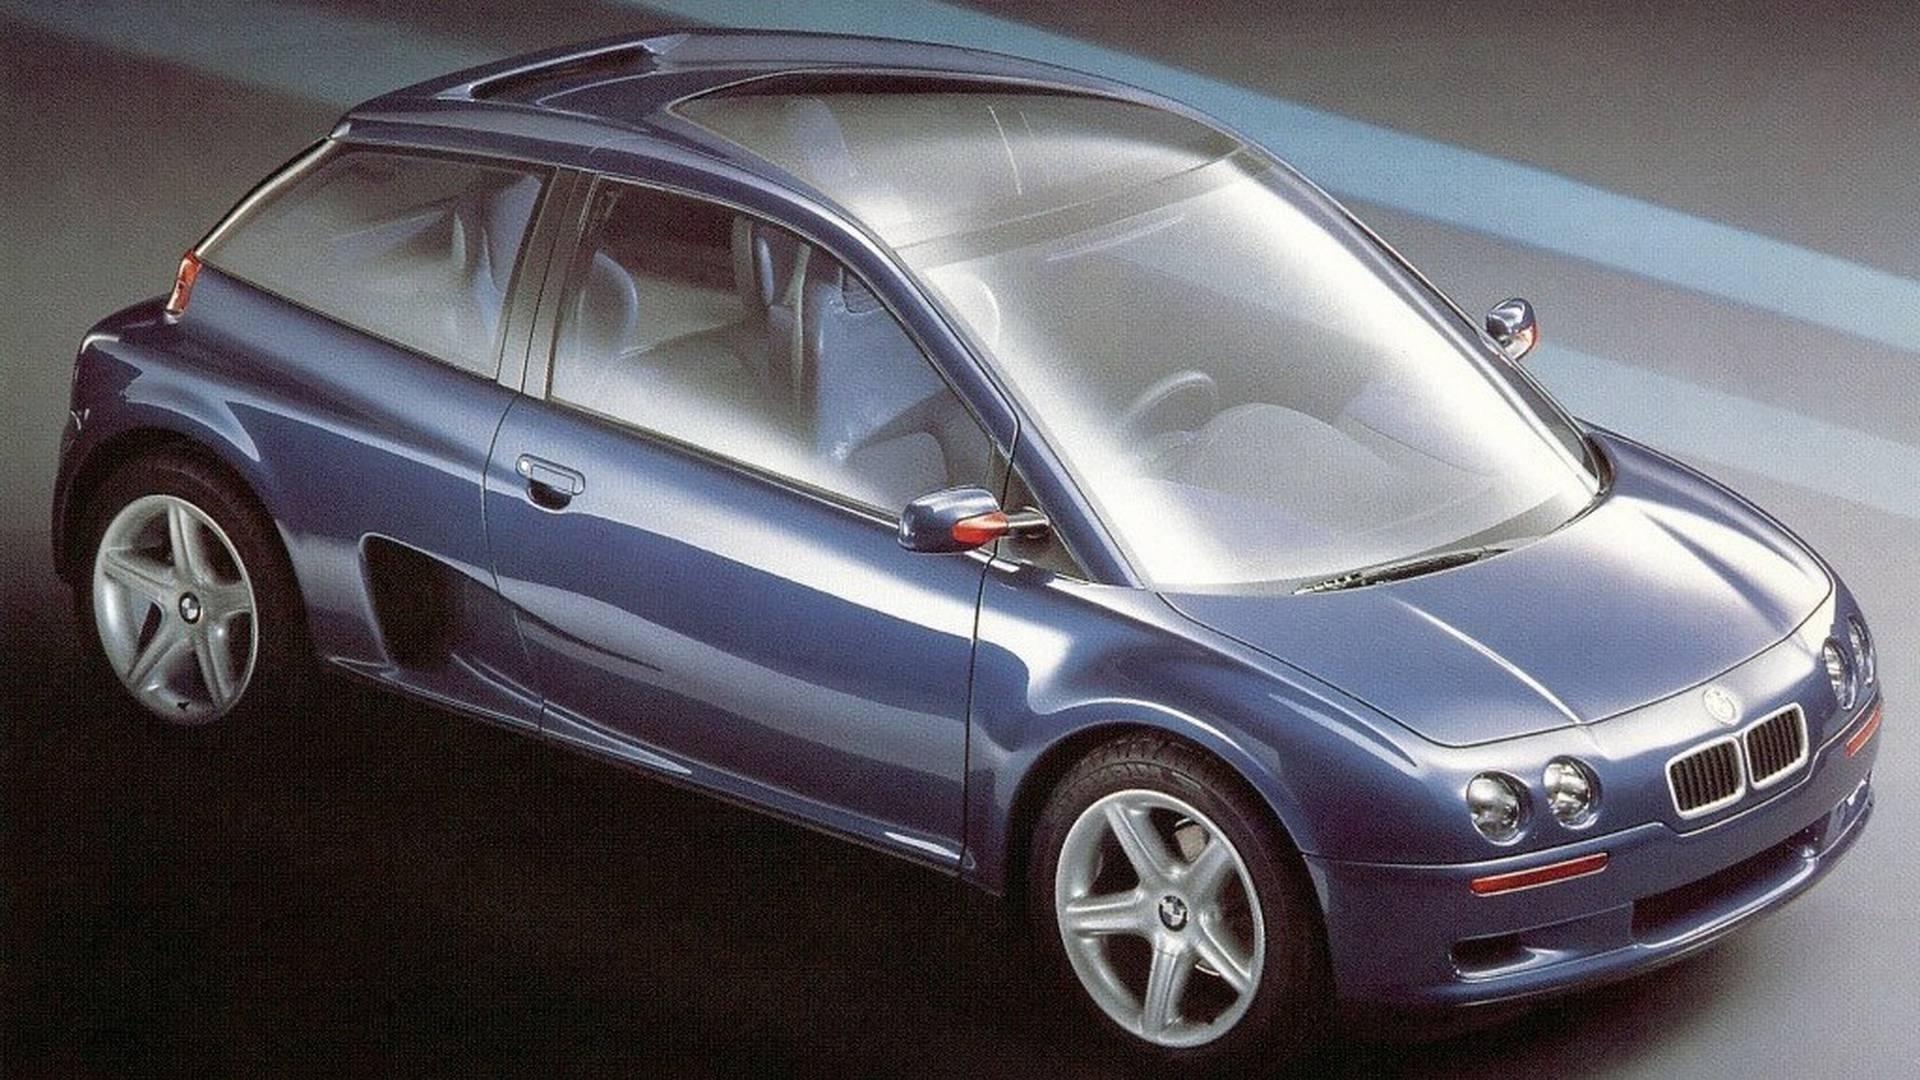 1993 bmw z13 concept بی ام و Z13 مدل ۱۹۹۳ نقد این خودرو قدیمی   اجاره ماشین